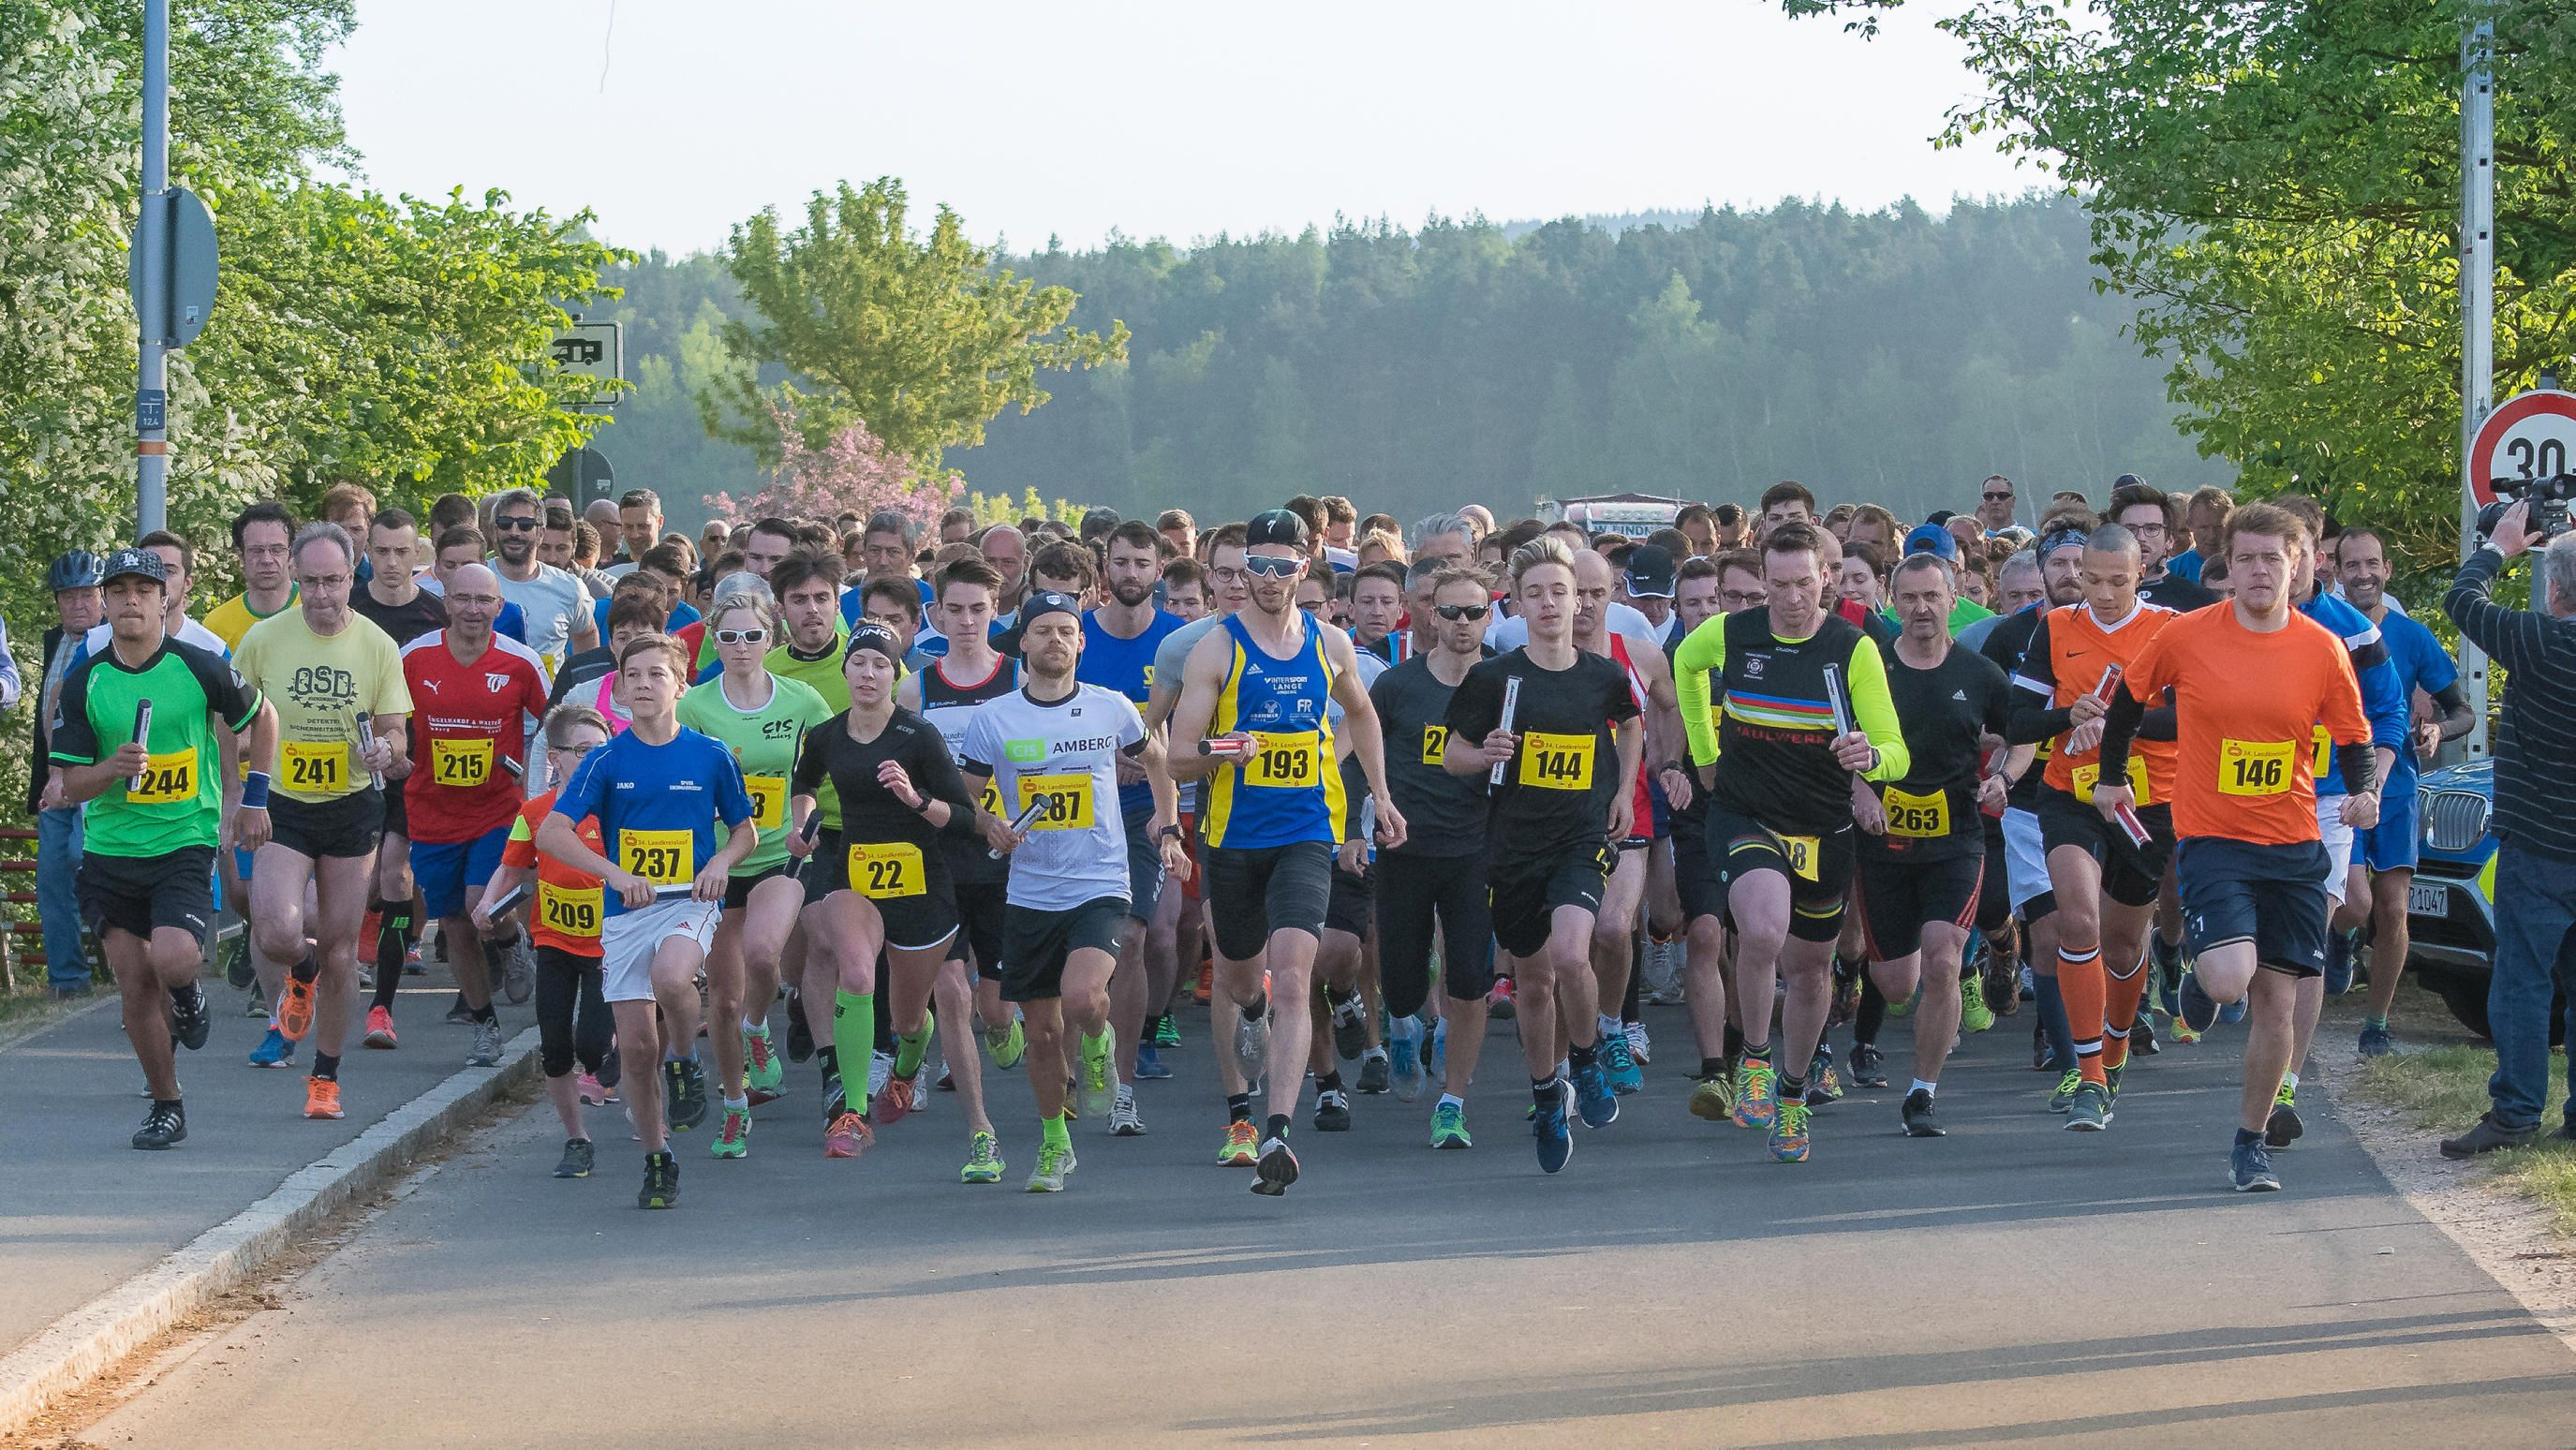 In diesem Jahr machten sich die Landkreislauf-Teams in Traßlberg (Bild) auf den Weg nach Paulsdorf, im kommenden Jahr geht in den südlichen Teil des Landkreises. Gestartet wird bei der 35. Auflage des Staffelwettbewerbes am 11. Mai 2019 in Haselmühl, Ziel ist in Rieden.